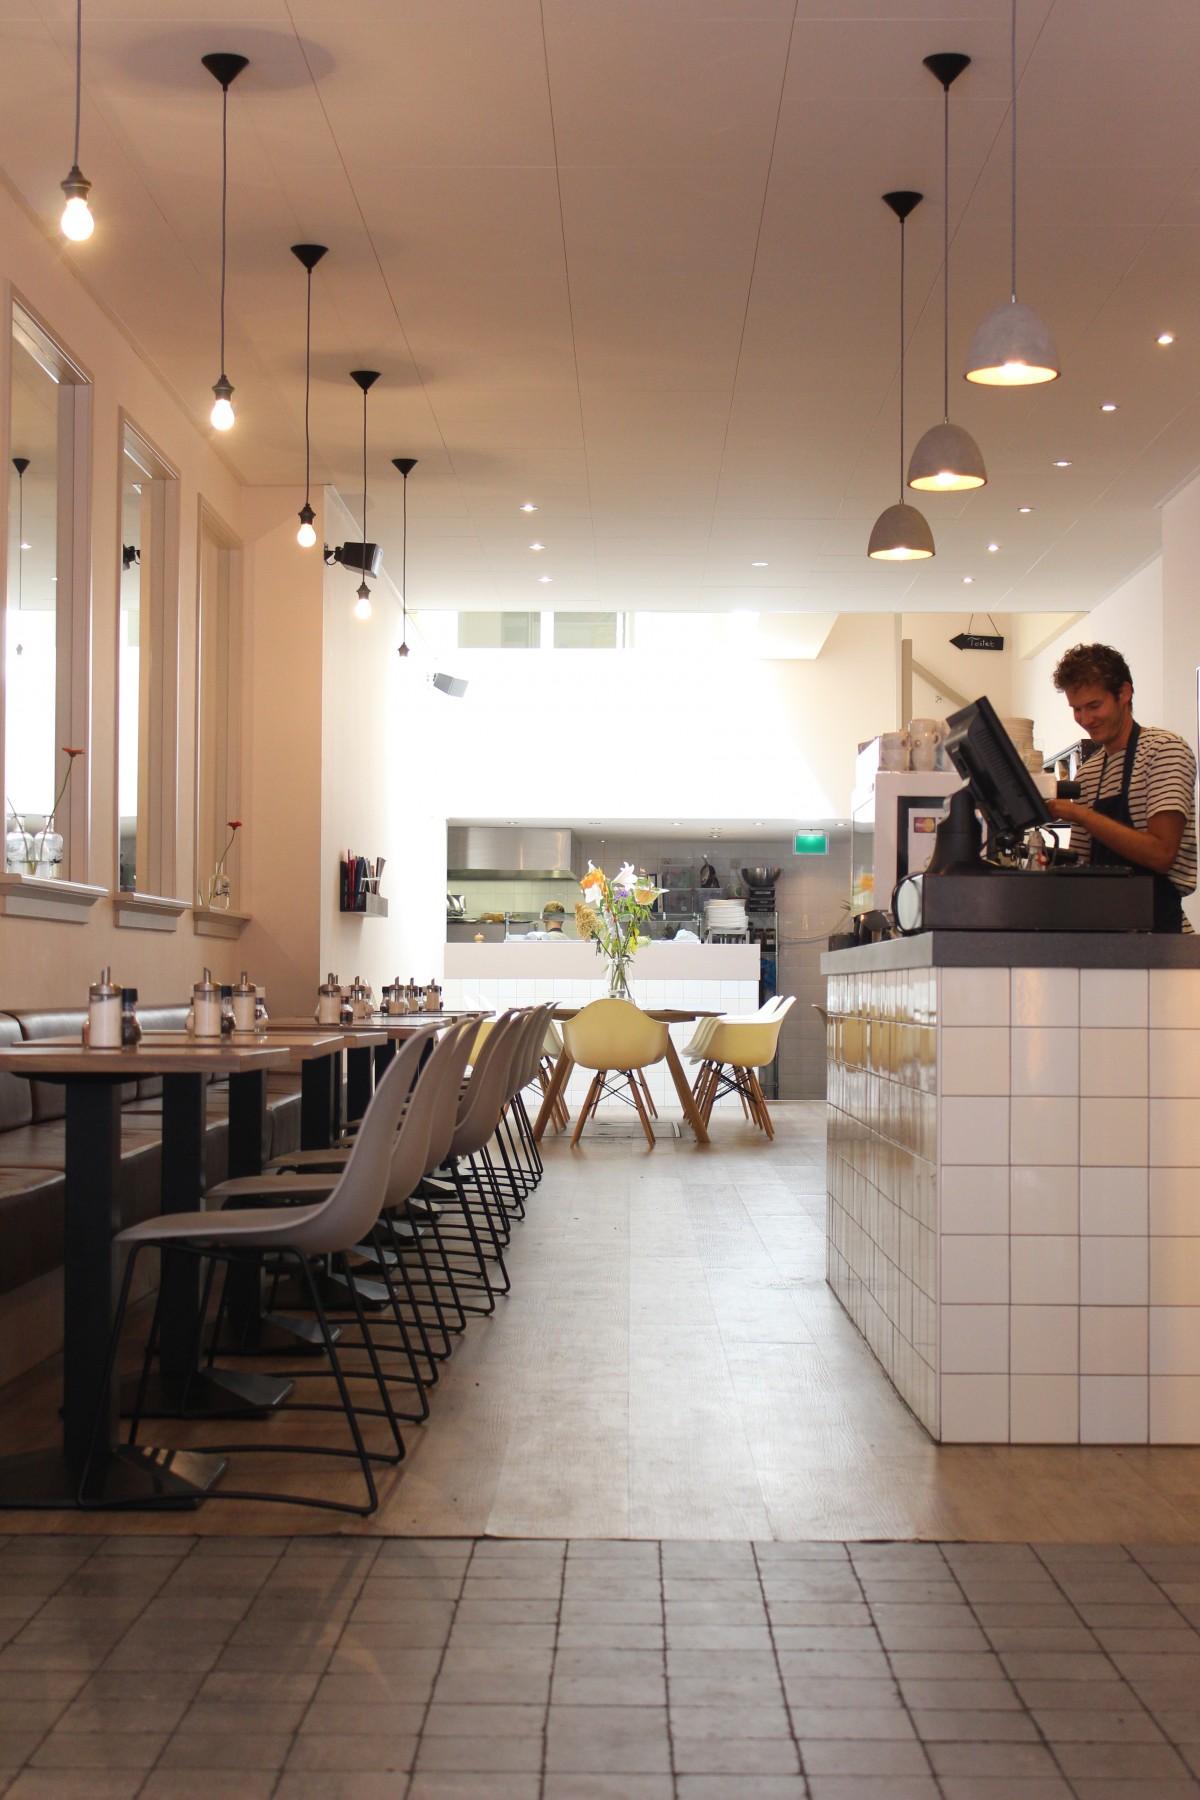 Fotos gratis piso restaurante techo habitaci n for Diseno de iluminacion de interiores